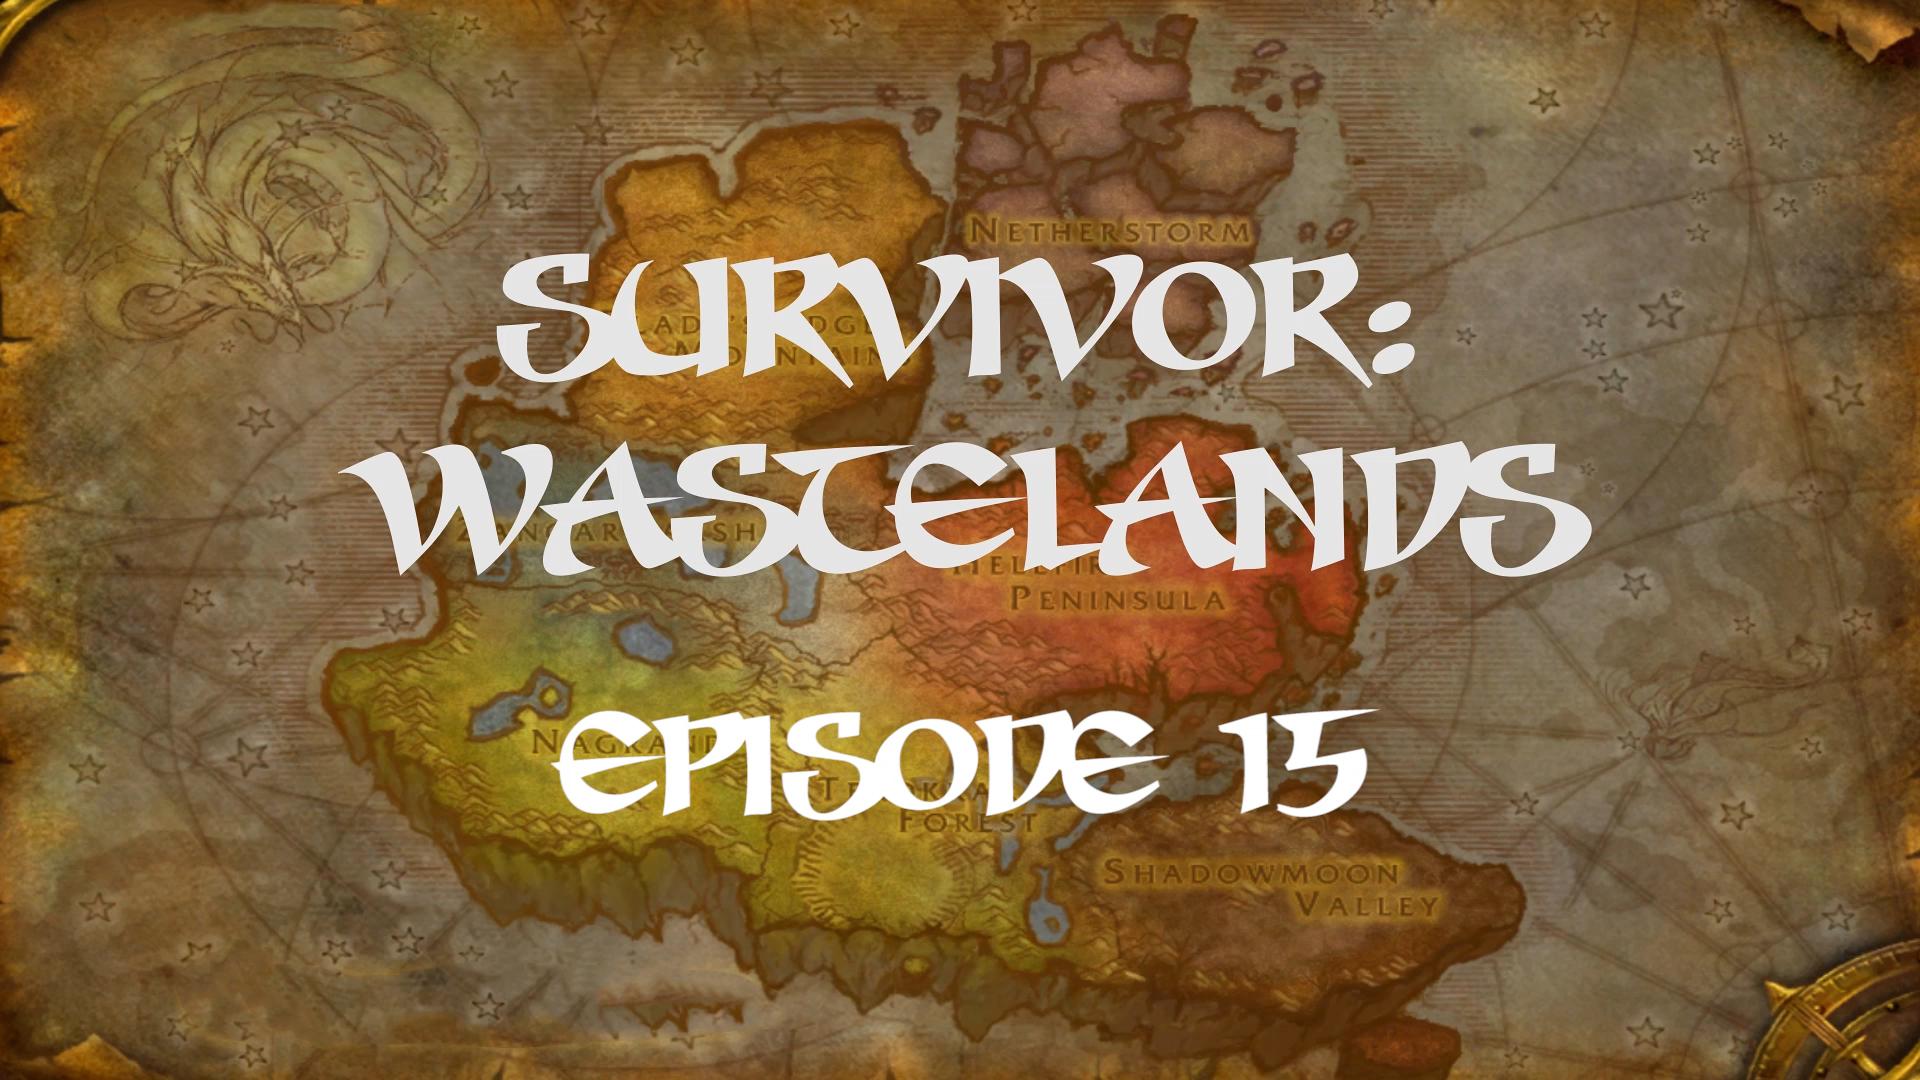 Survivor Wastelands Episode 15.jpg